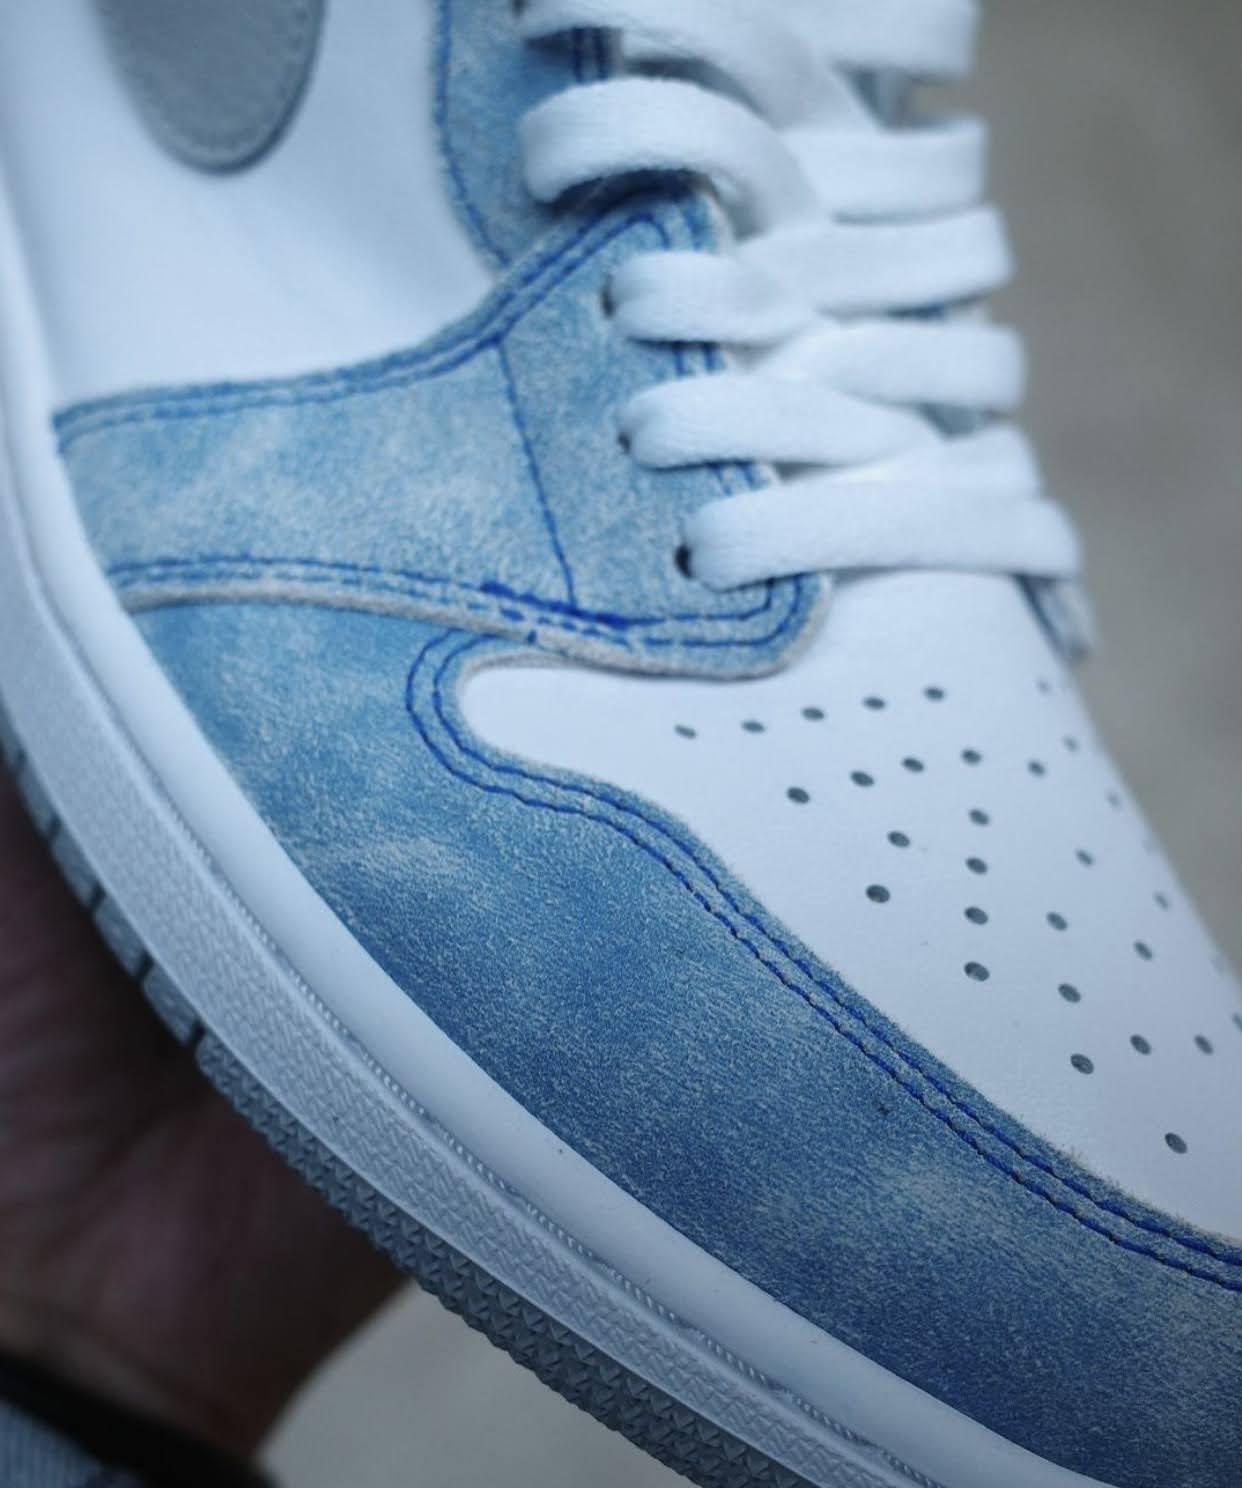 """ナイキ エア ジョーダン 1 ハイ OG """"ハイパーロイヤル"""" Nike-Air-Jordan-1-Hyper-Royal-555088-402-8-side-closeup"""